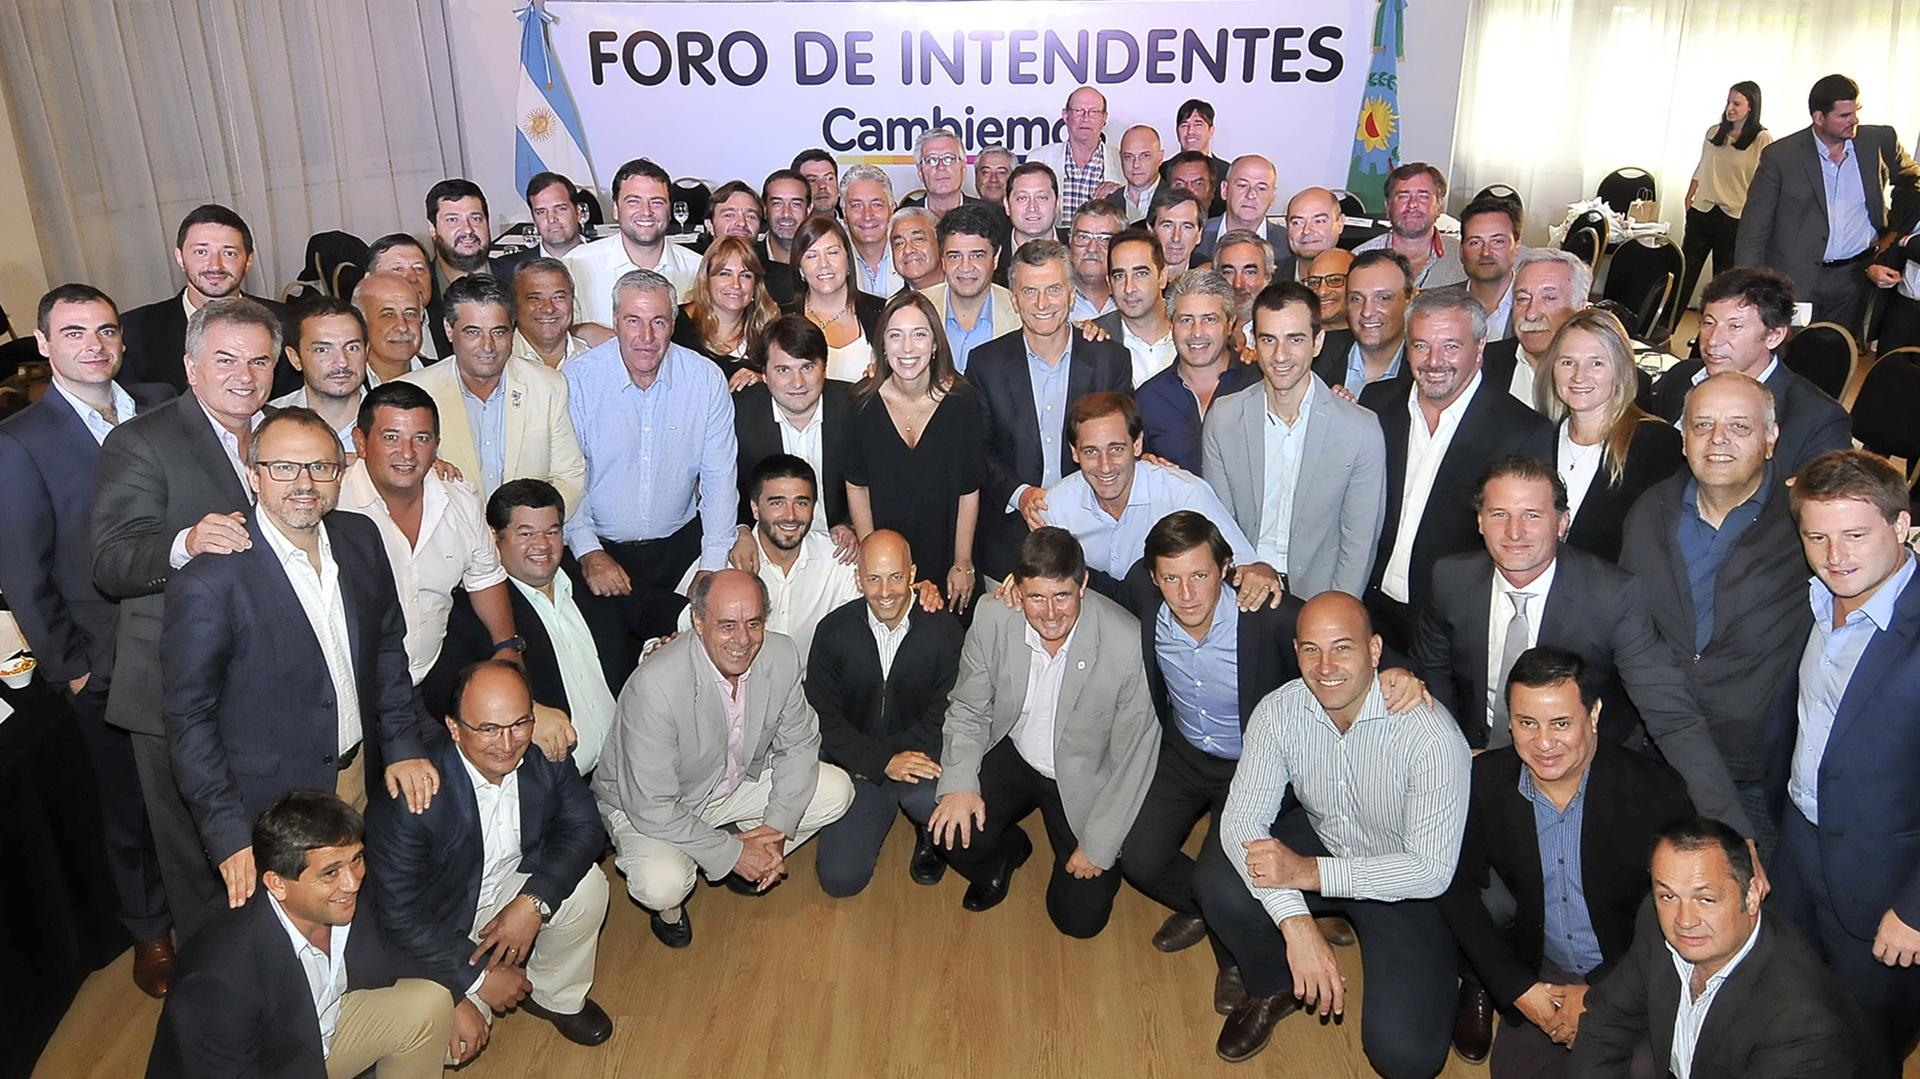 Los jefes comunales bonaerenses del Foro de Intendentes de Cambiemos junto a la gobernadora María Eugenia Vidal y el presidente Mauricio Macri